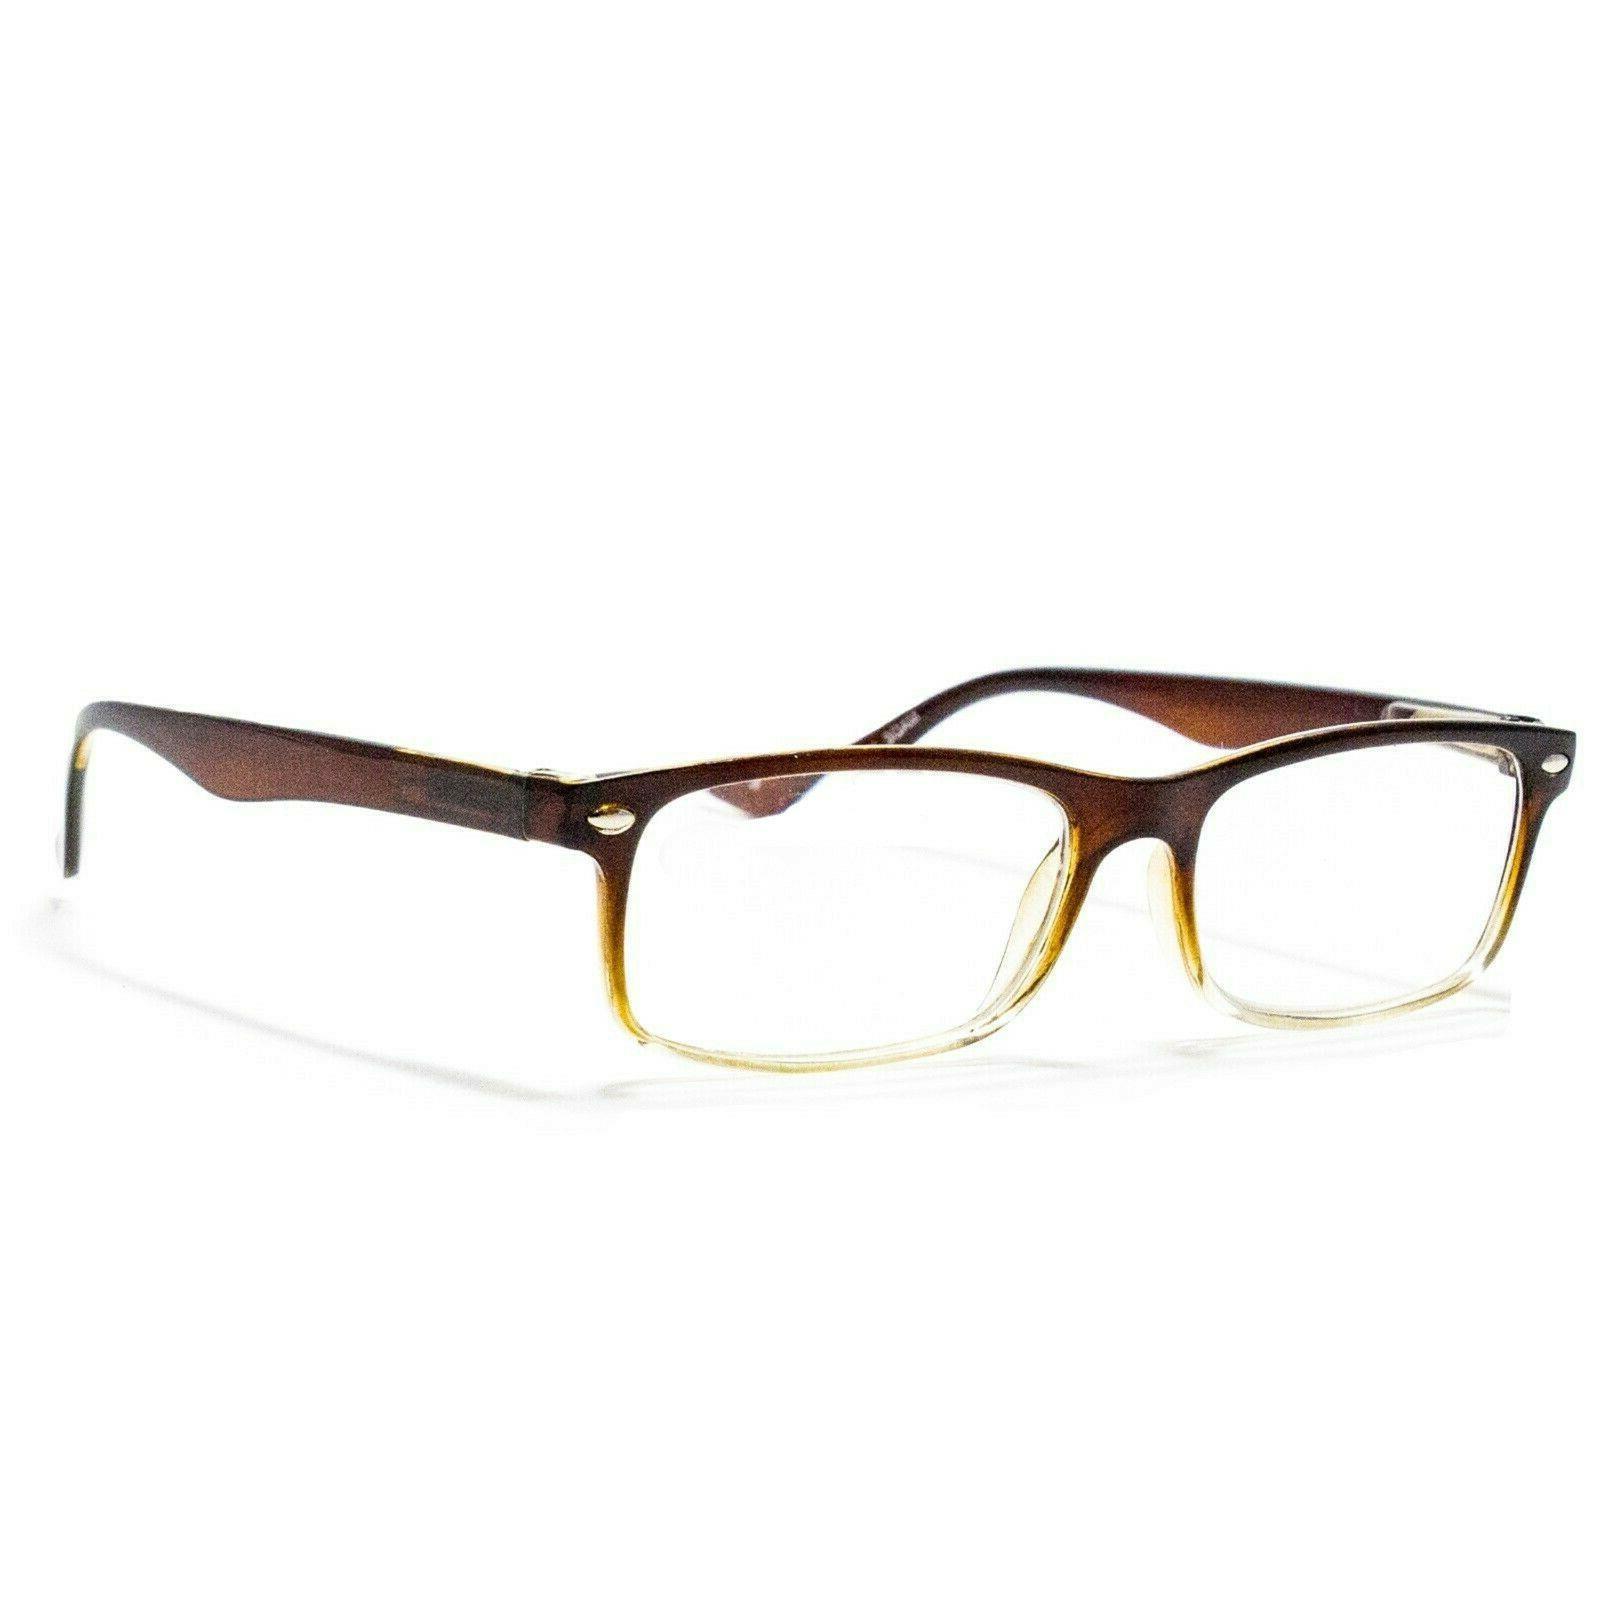 Hinge Power Glasses Womens 1-3